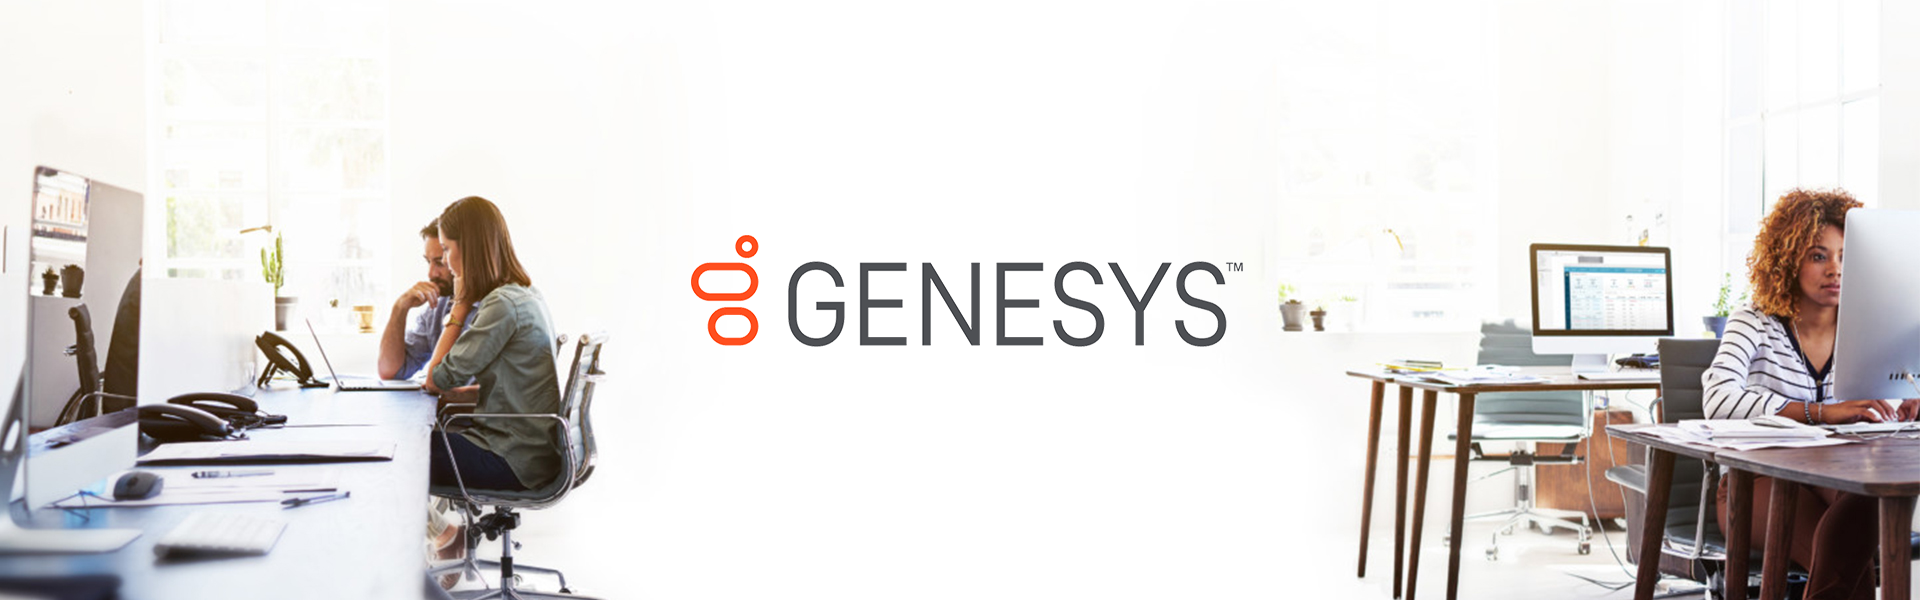 Bewertungen Genesys PureCloud: Moderner Kundenservice aus der Cloud! - Appvizer